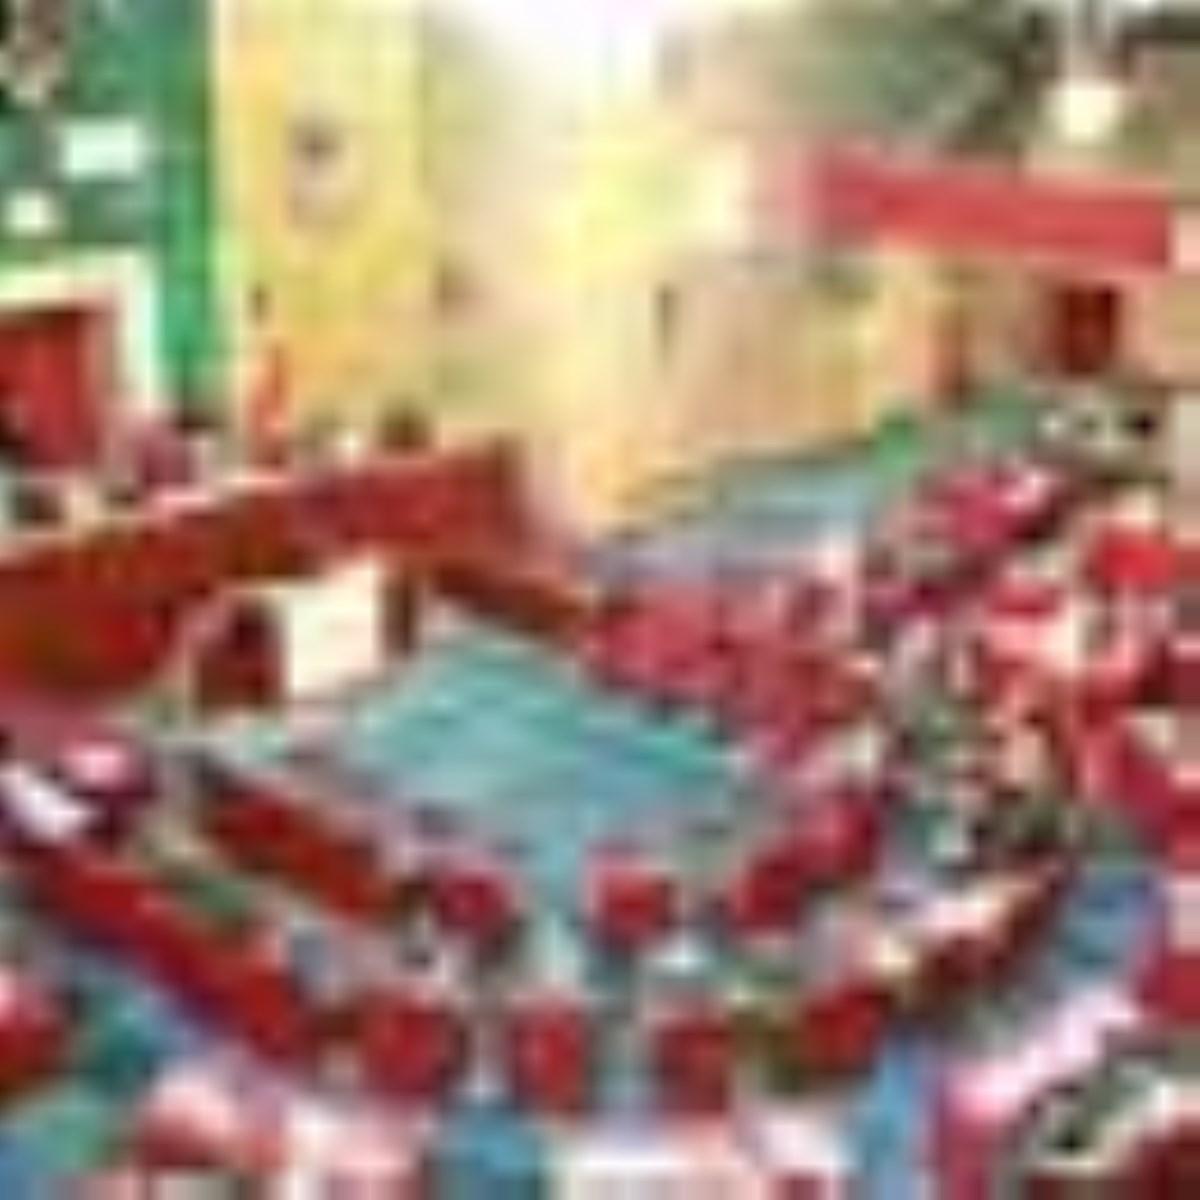 مجلس شورای اسلامی از دیدگاه حضرت امام (ره)